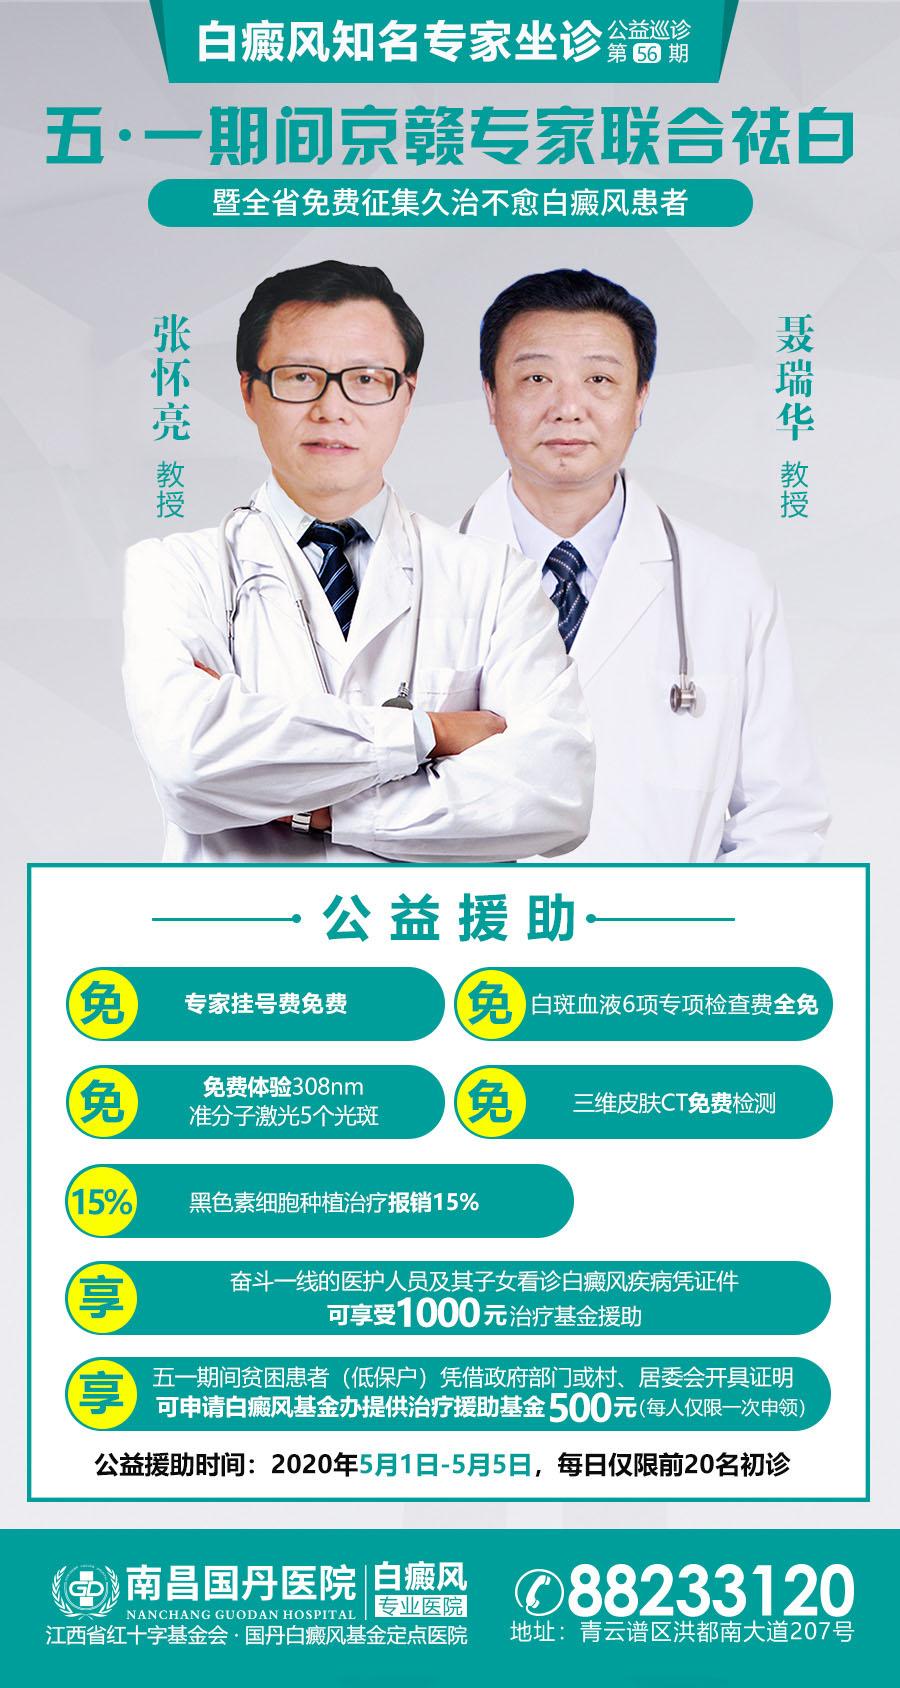 5月1-5日【京·赣】专家联合坐诊暨白斑